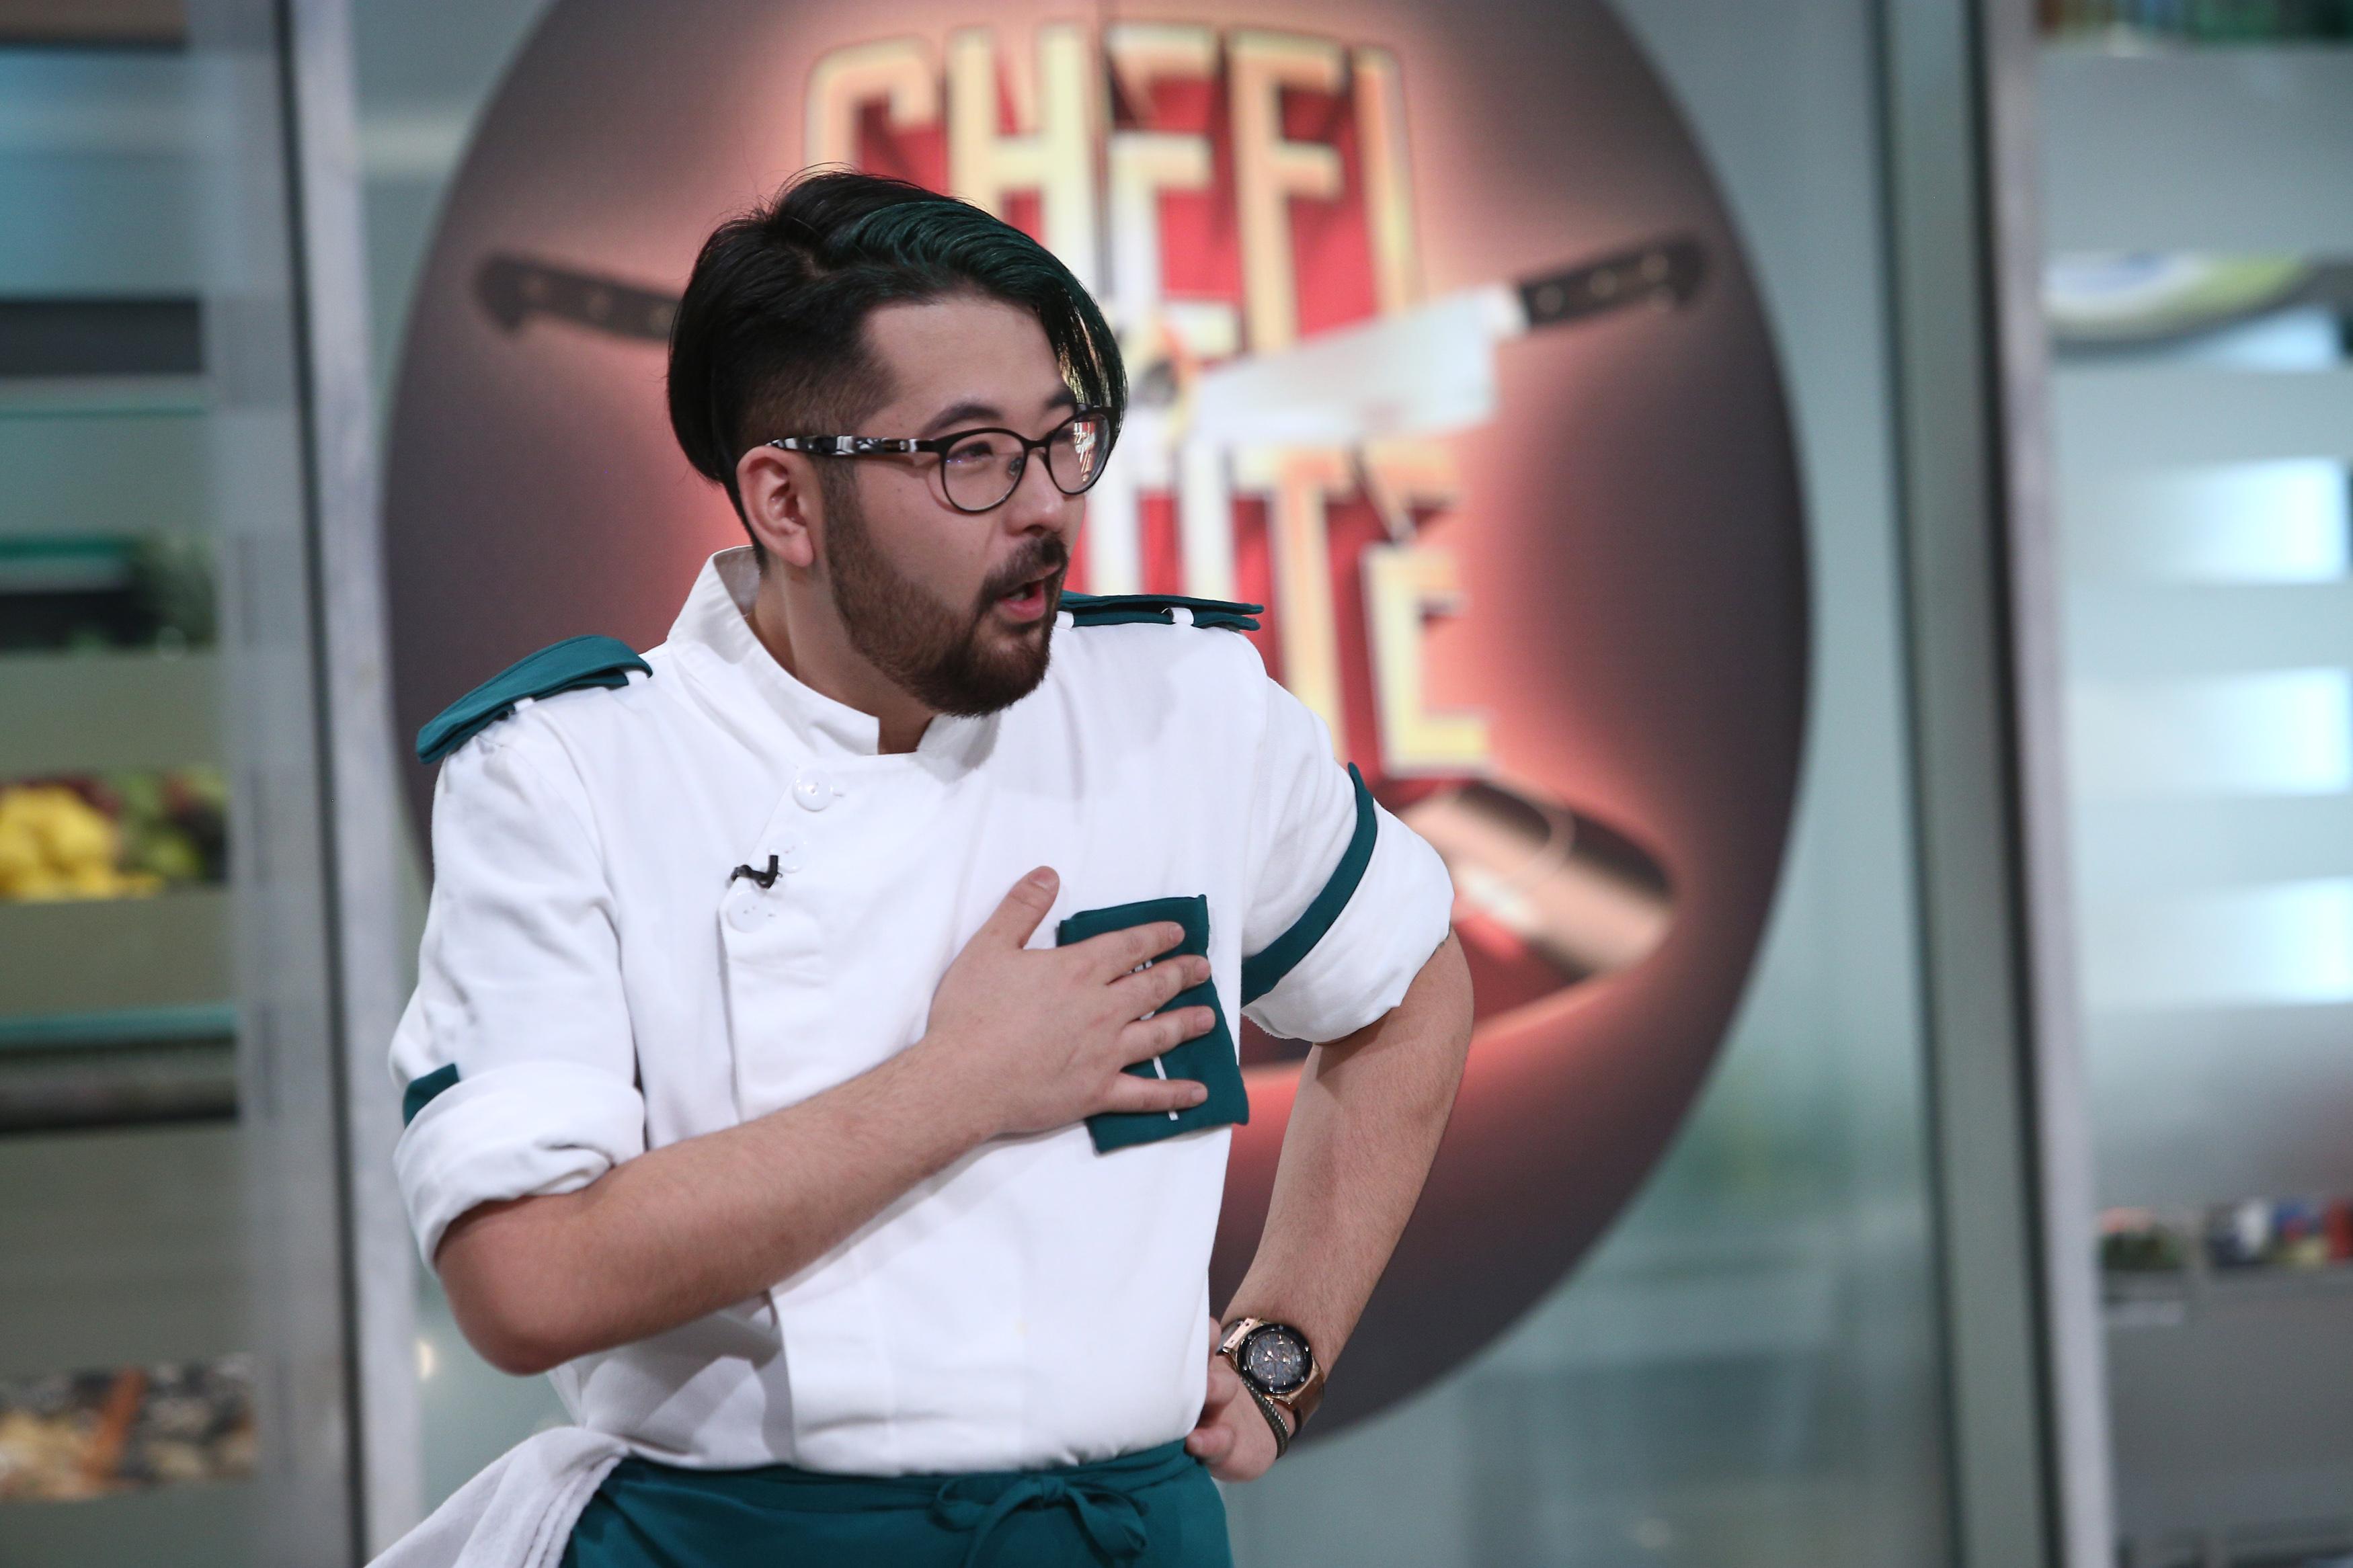 """Ce face Rikito Watanabe (Riki) după """"Chefi la cuțite"""". Imaginile care l-au dat imediat de gol"""